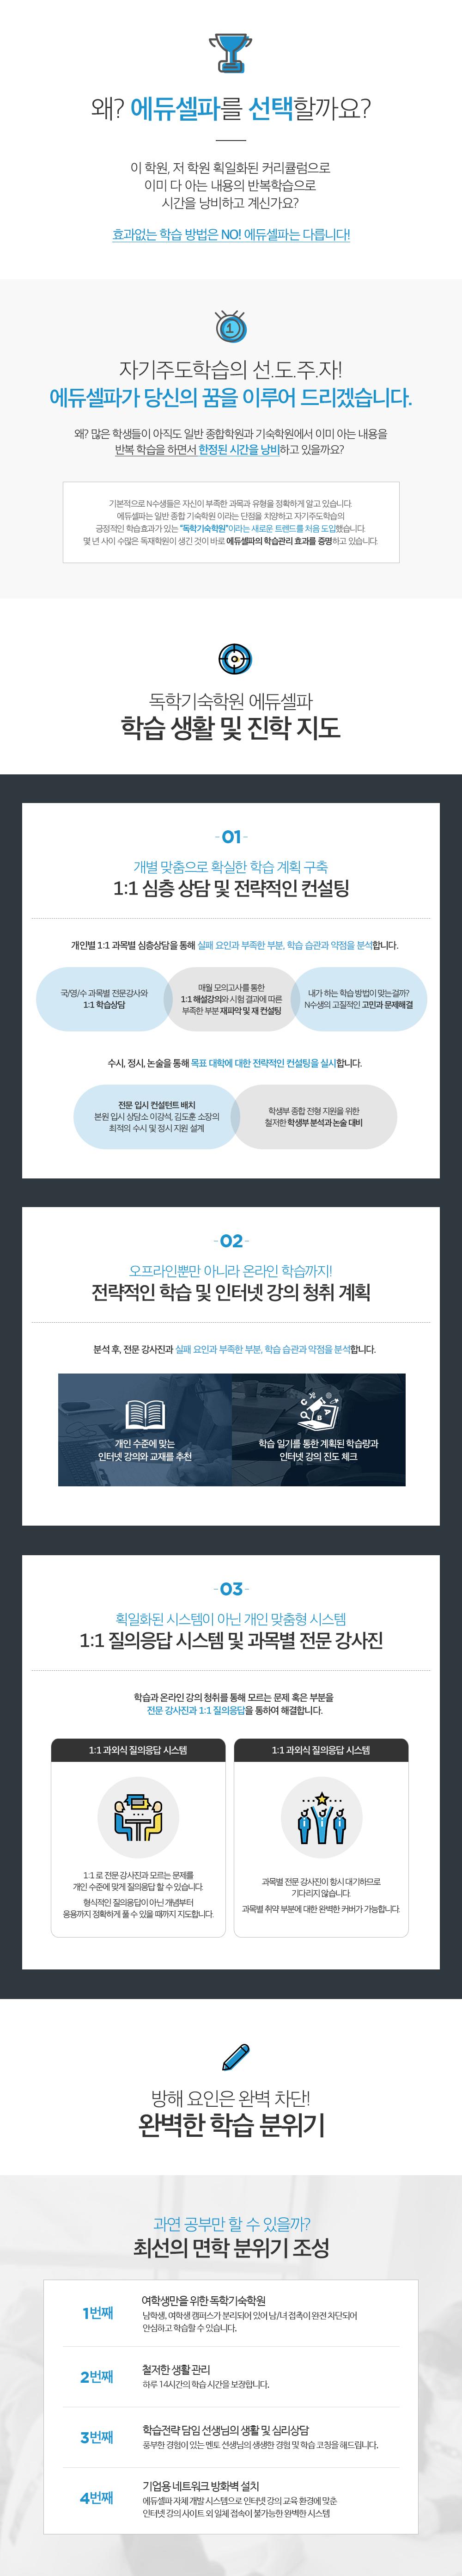 2019재수선행반 소개